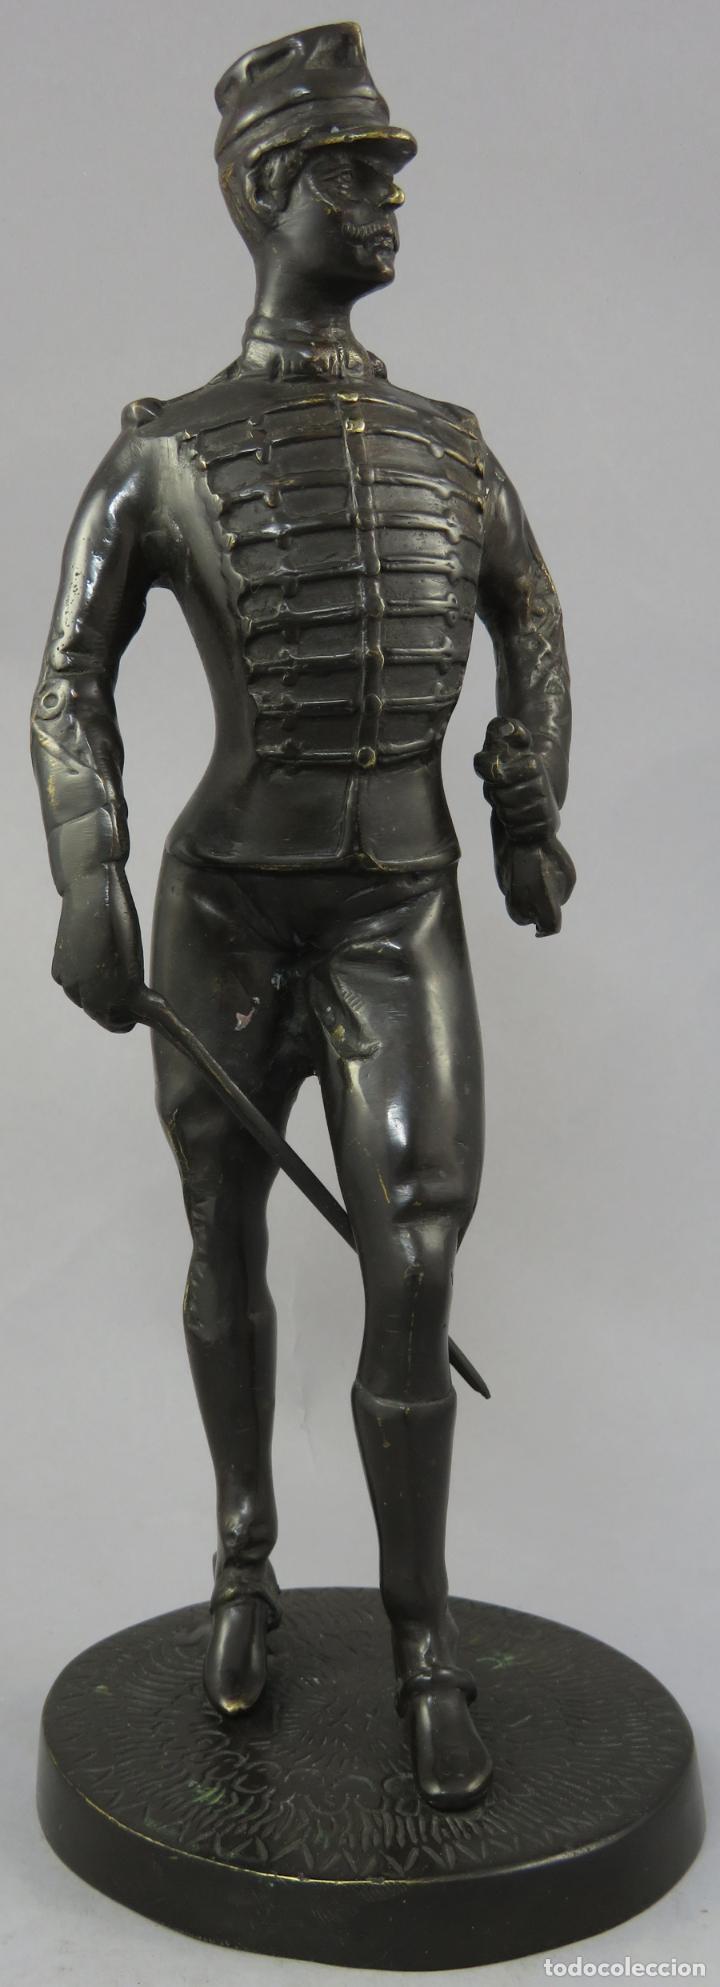 ESCULTURA SOLDADO HÚSAR DE LA PRINCESA EN BRONCE PULIDO SIGLO XX (Arte - Escultura - Bronce)